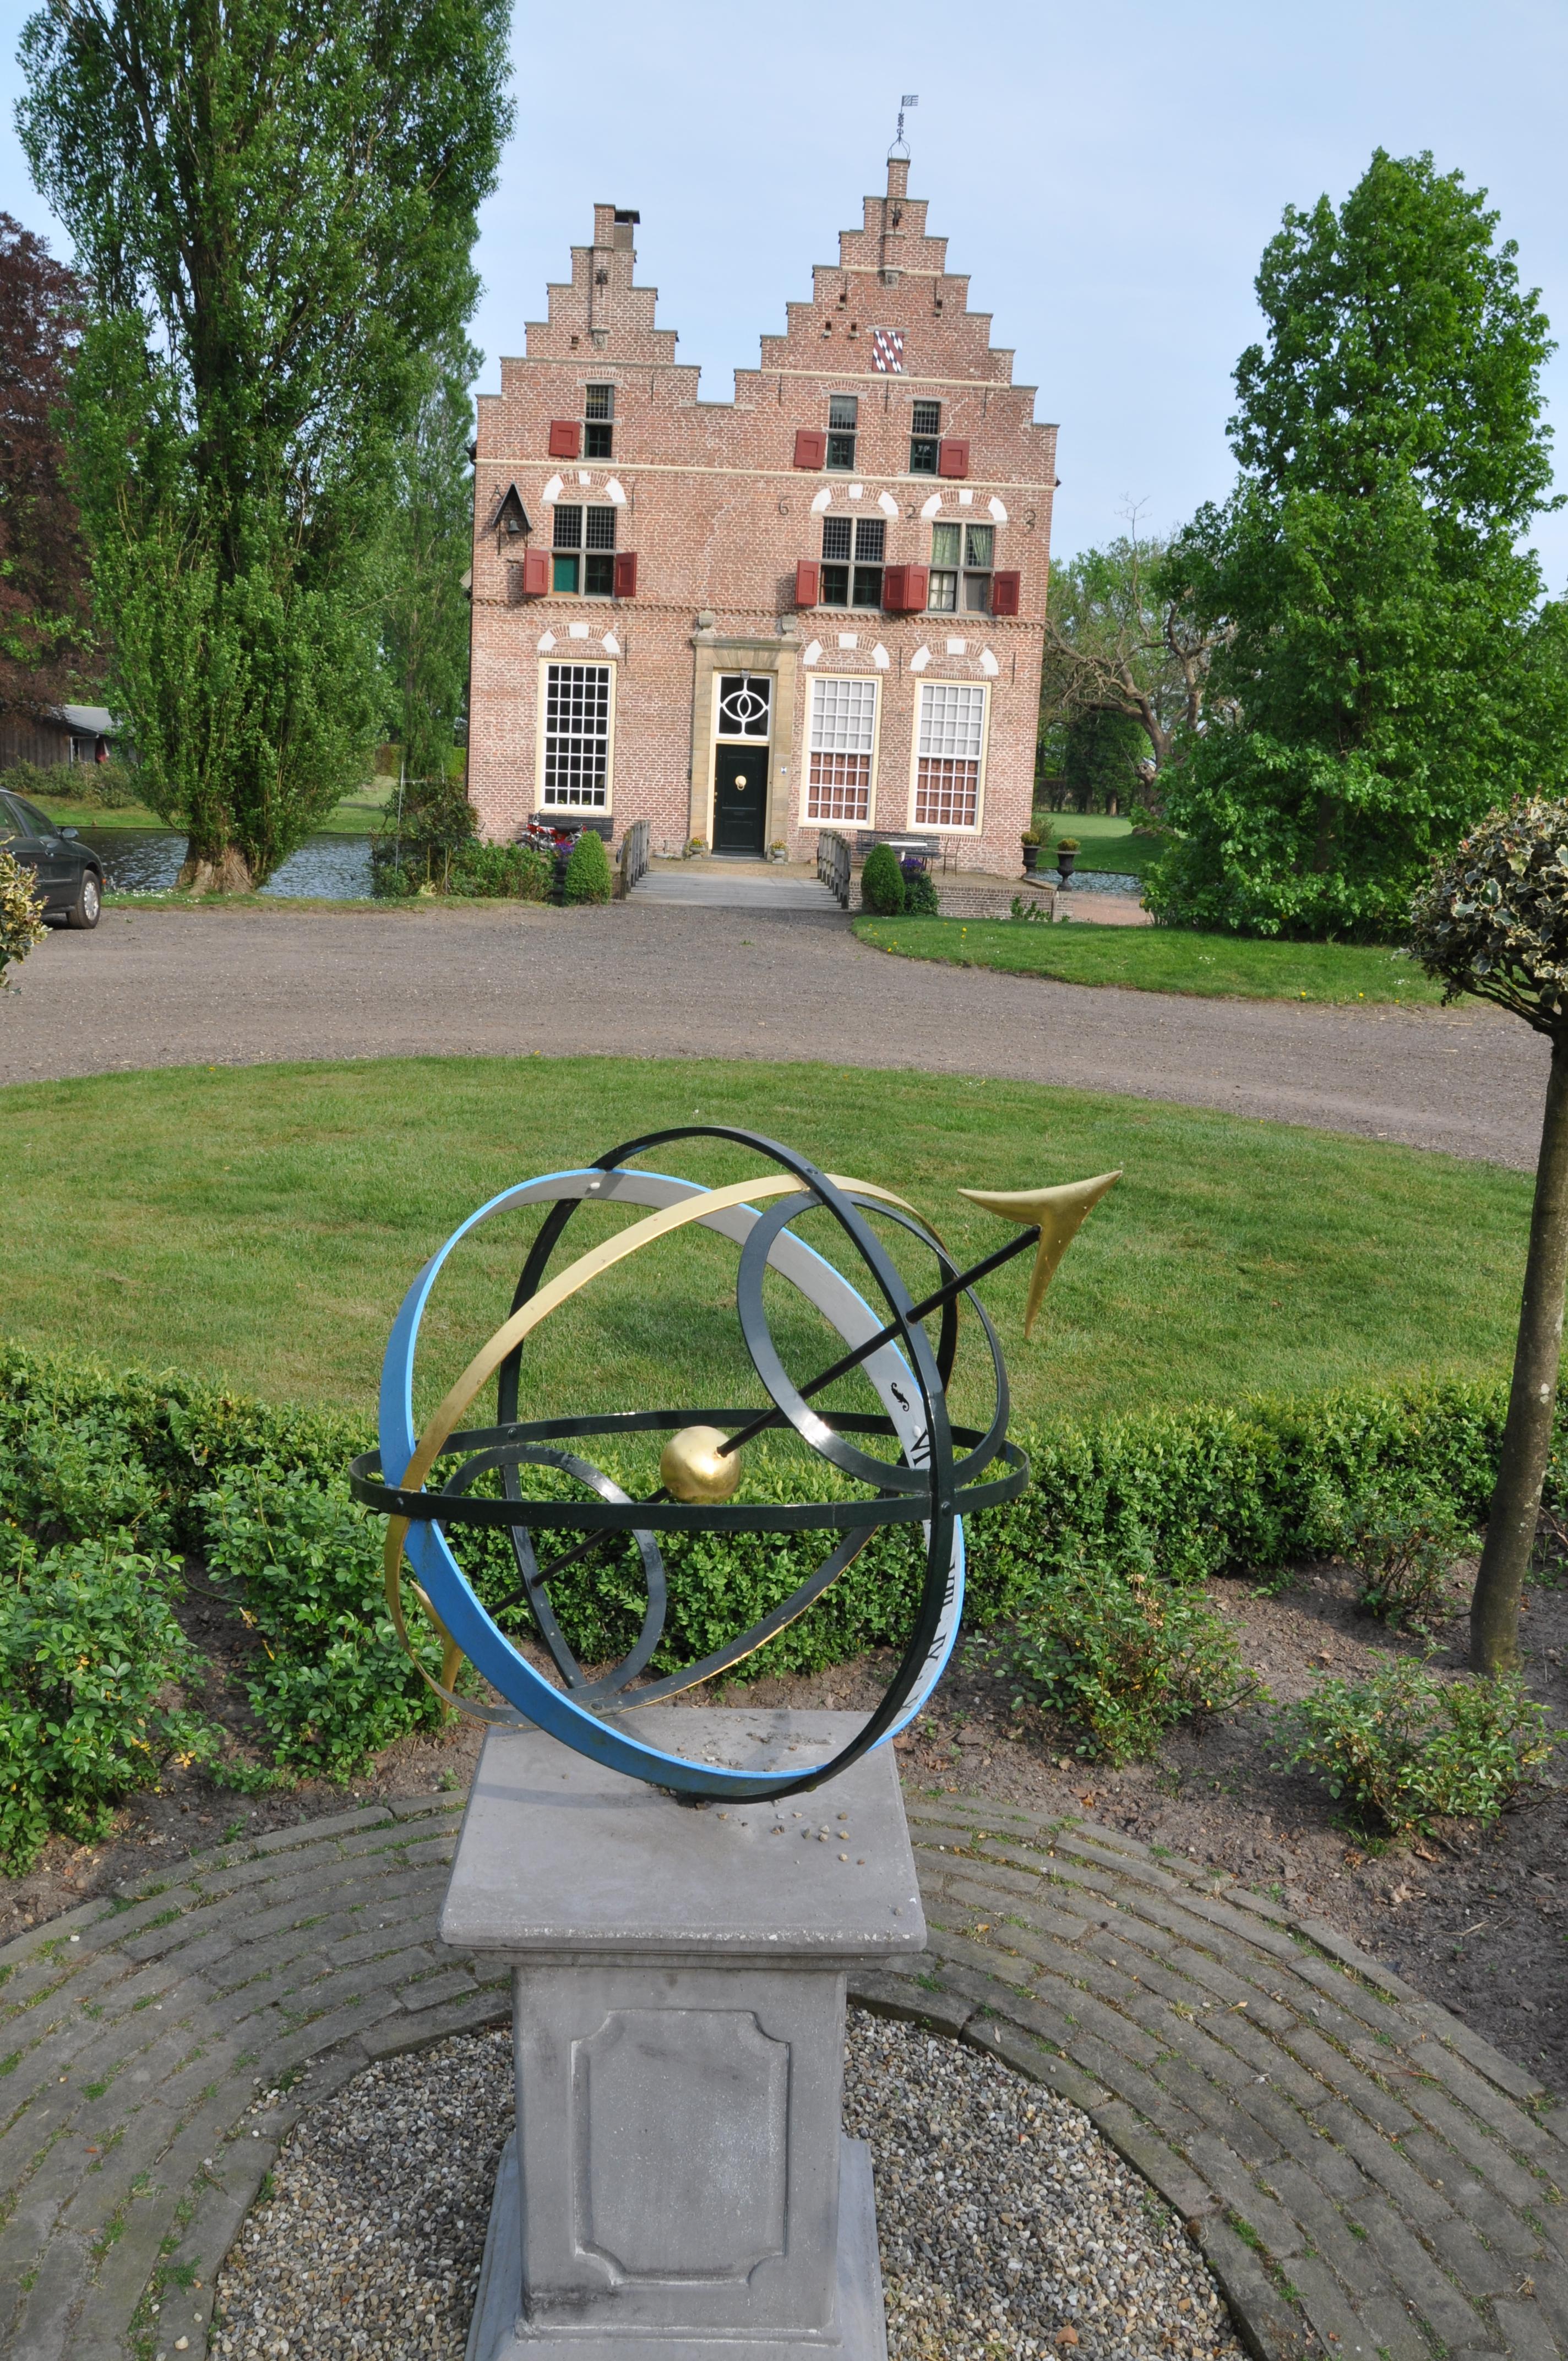 Huis vosbergen terras in heerde monument - Terras van huis ...